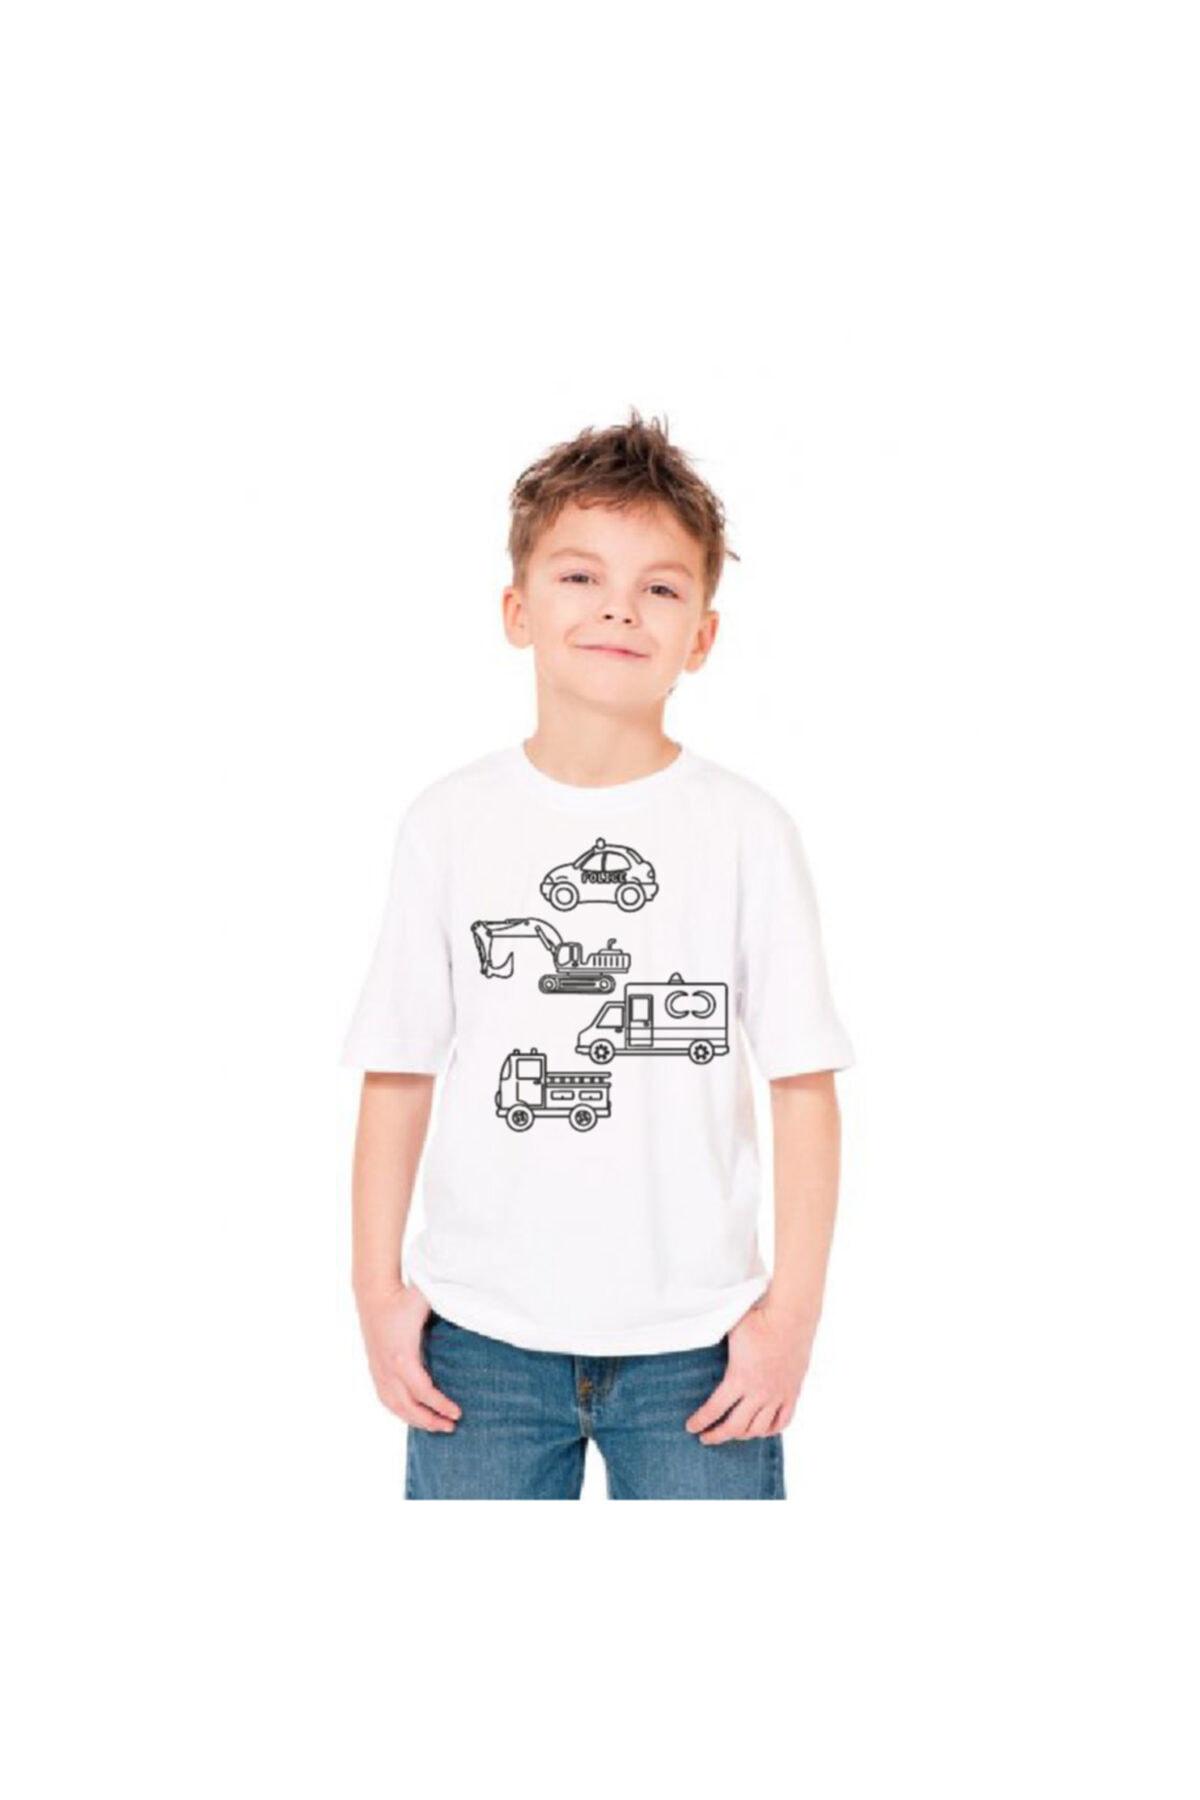 paint-wear Araçlar Boyama T-shirt 7-8 Yaş 2